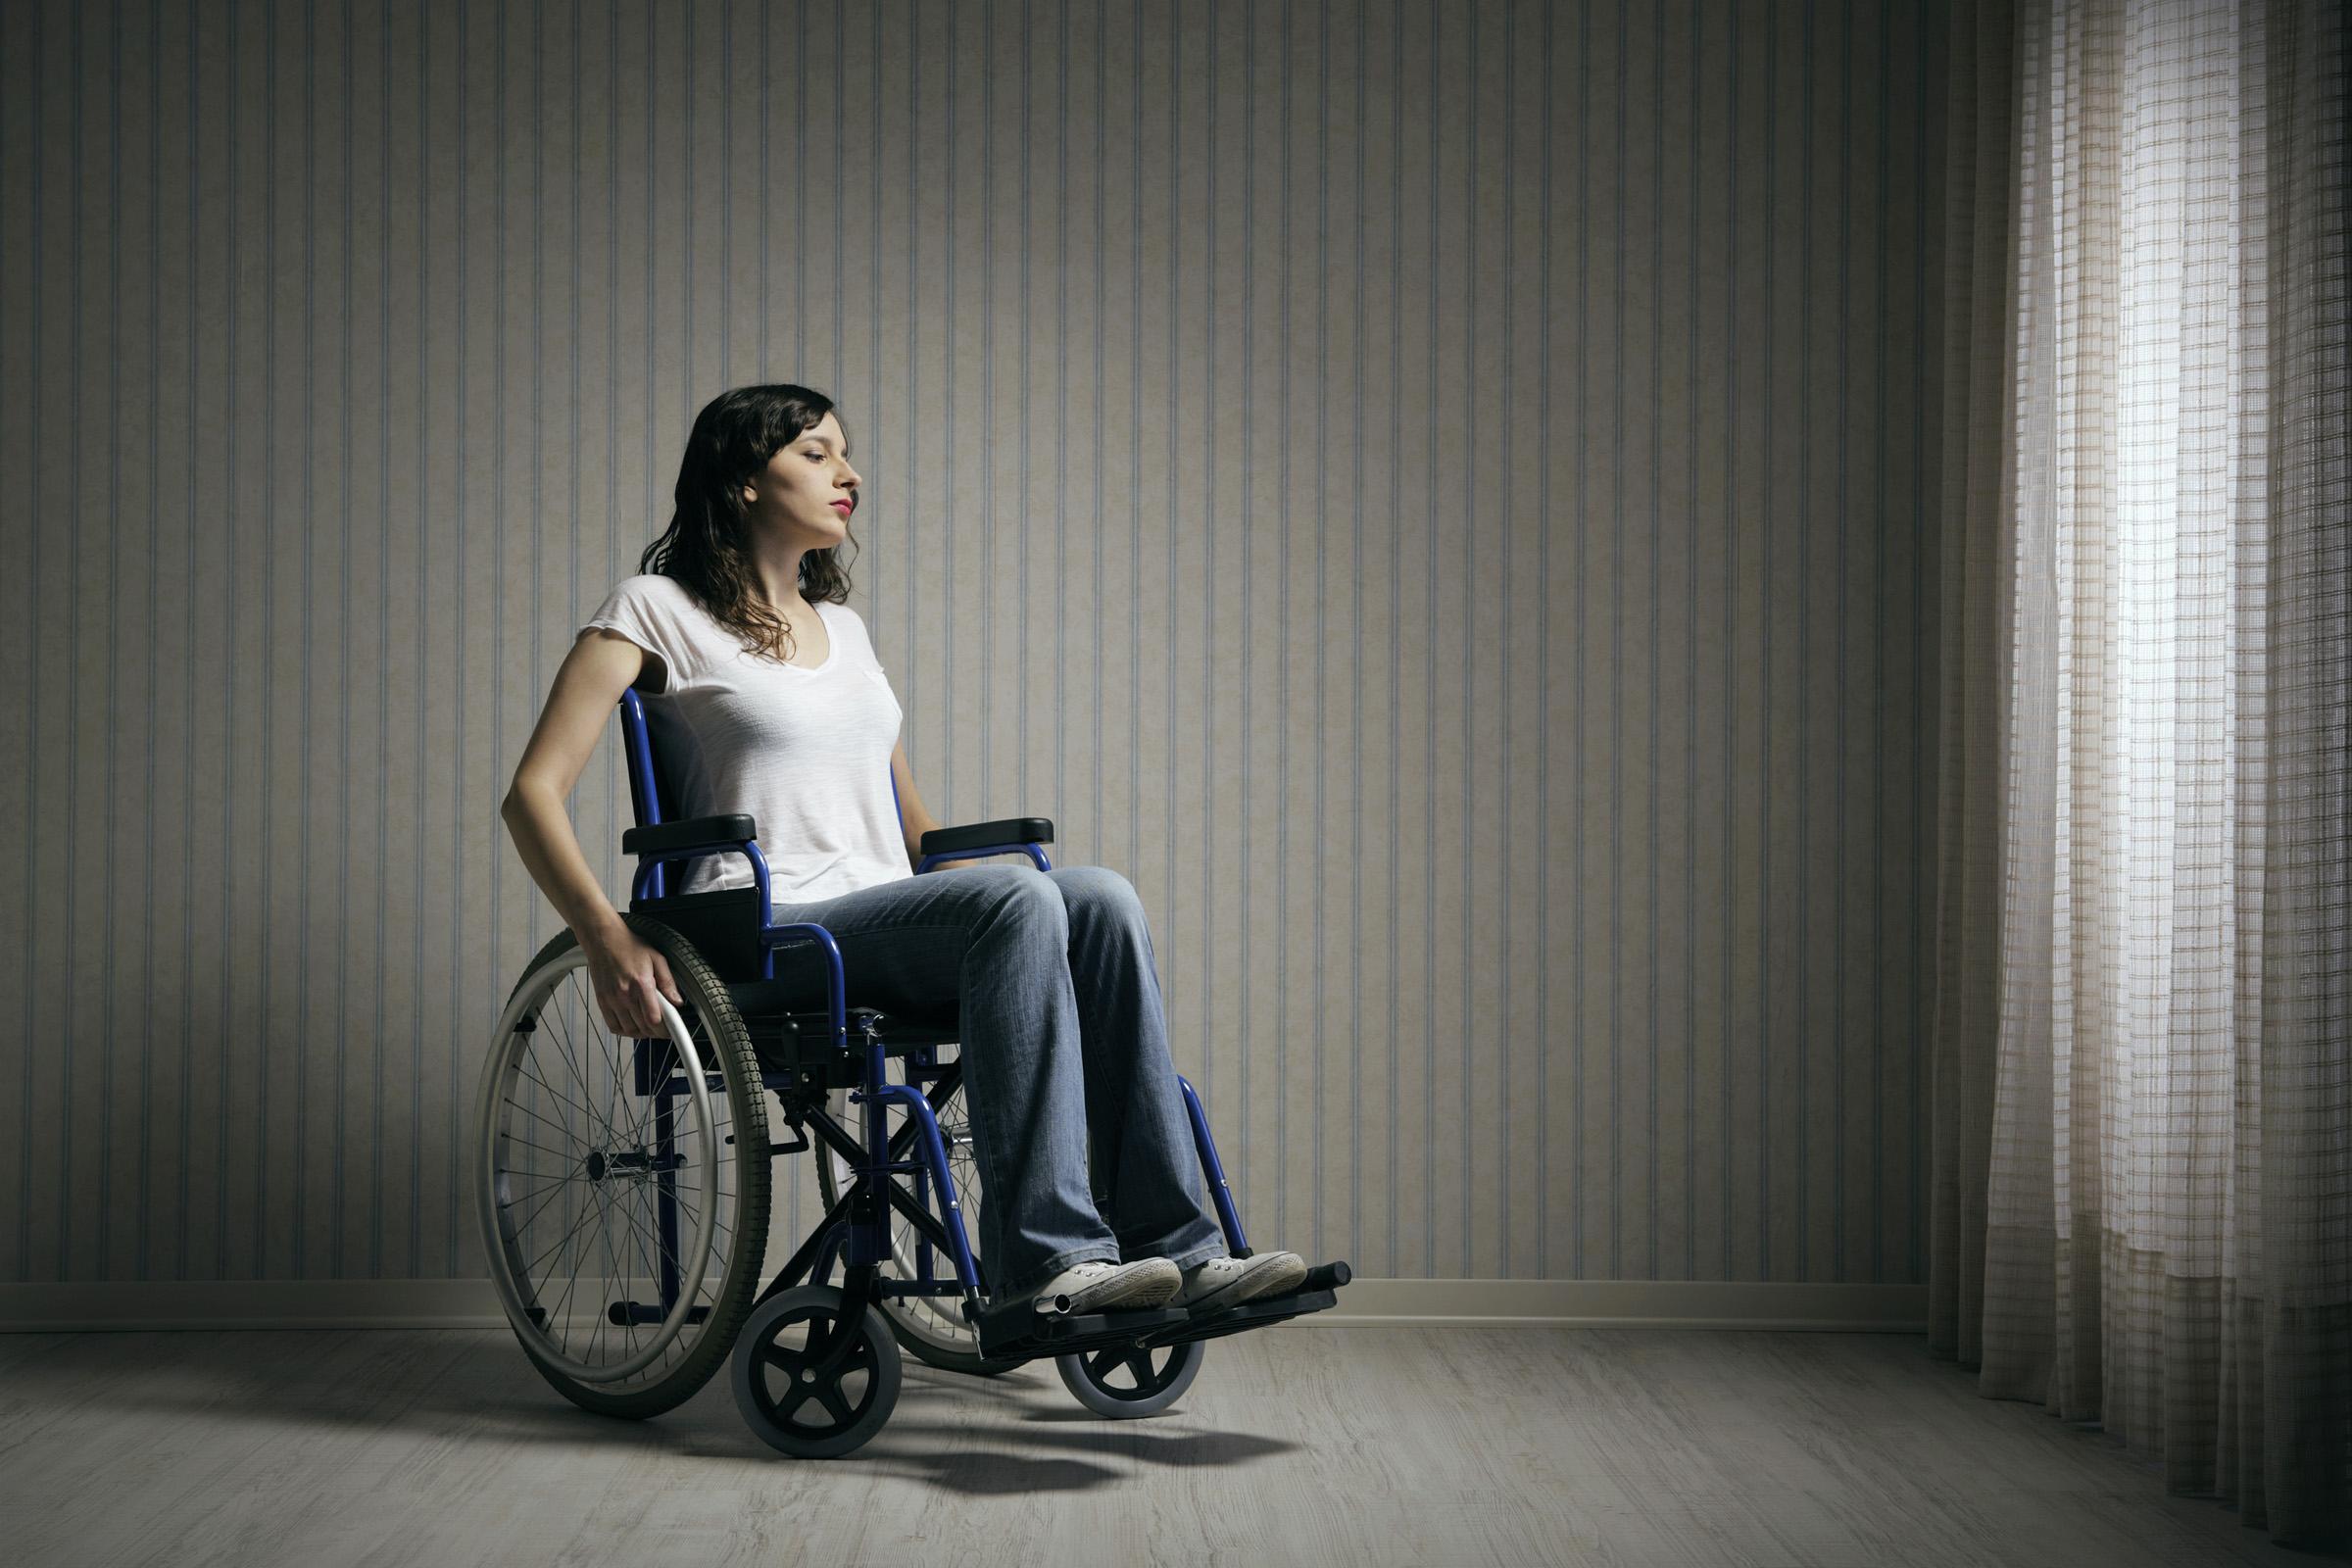 Friss hírek: Viszont az eljárás nem alkalmas minden ilyen beteg kezelésére.